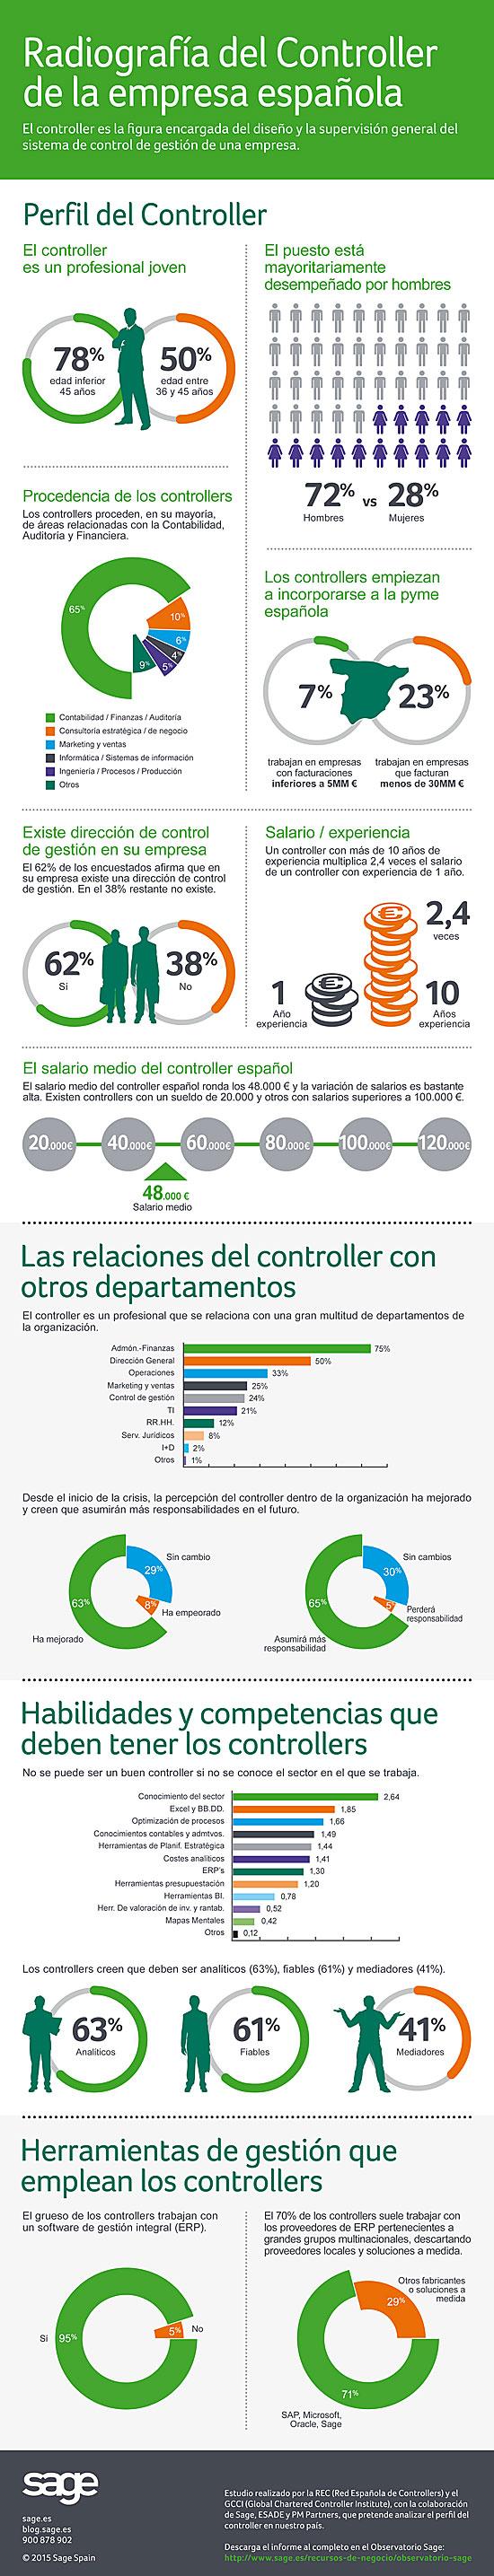 Radiografía del Controller de la empresa española